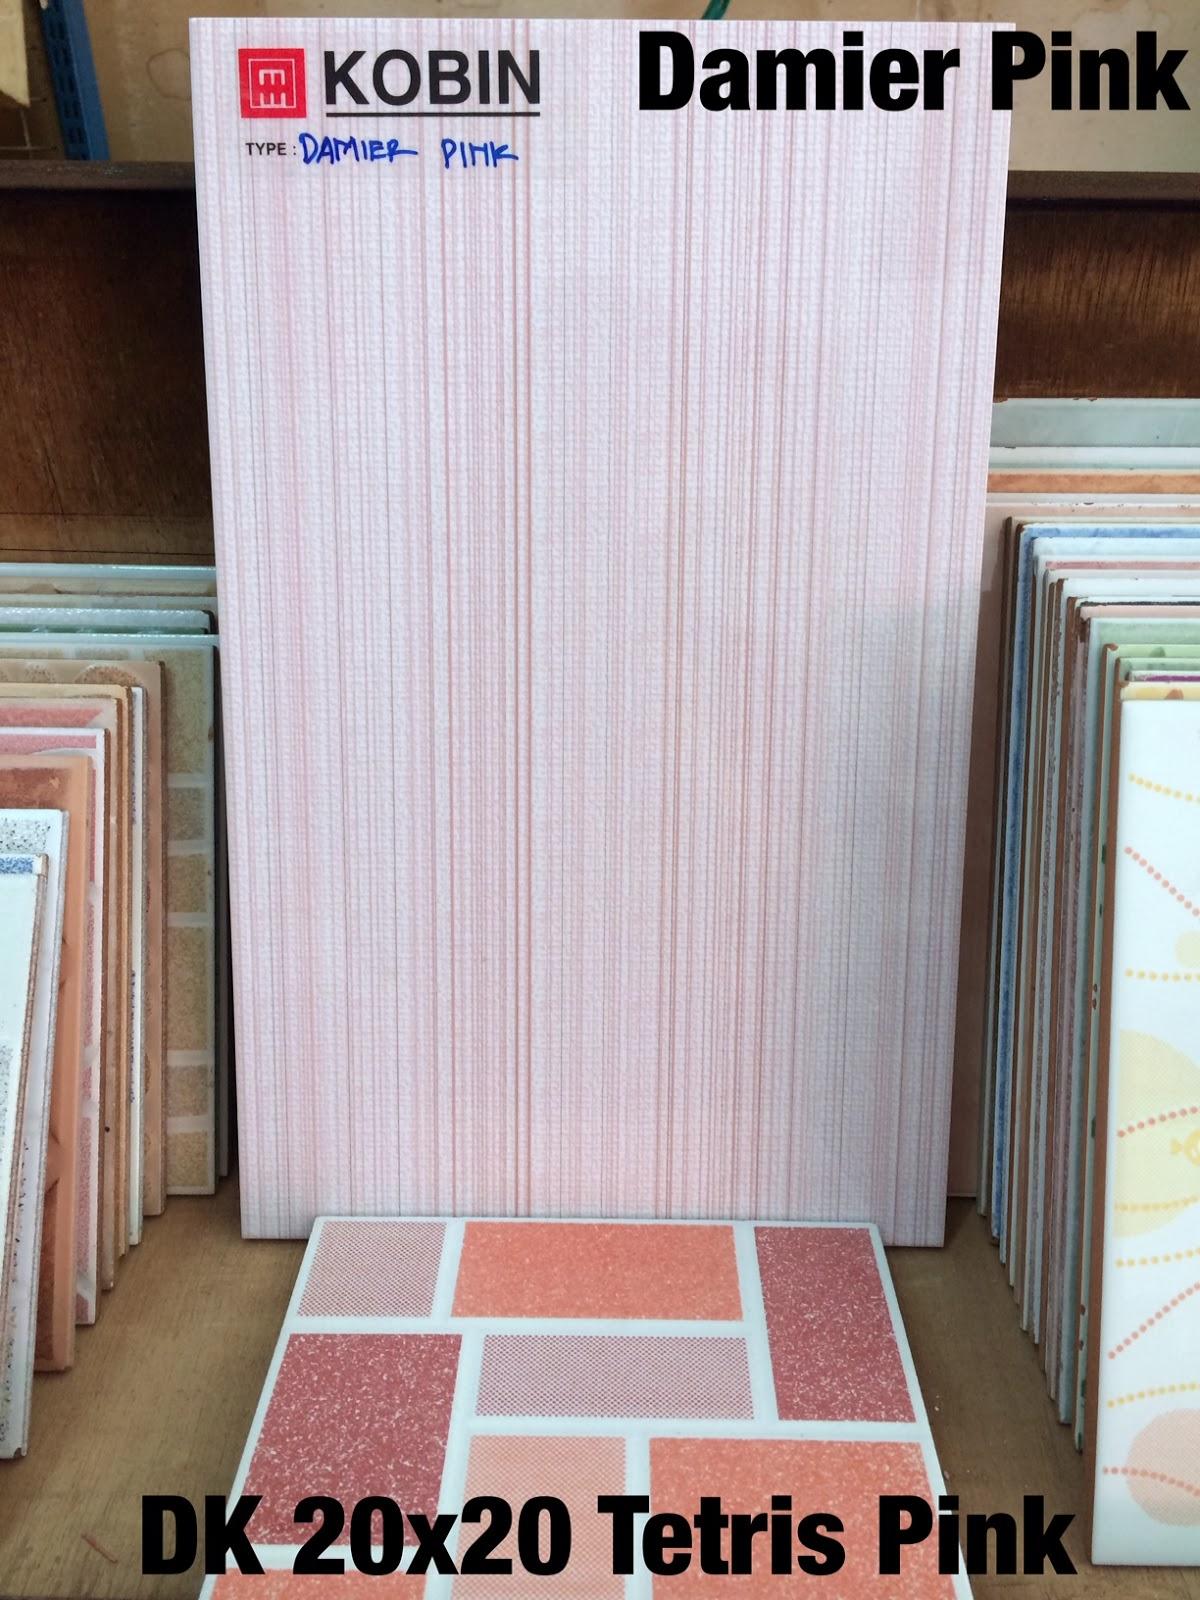 Kobin 25x40 Damier Pink DK 20x20 Tetris Pink